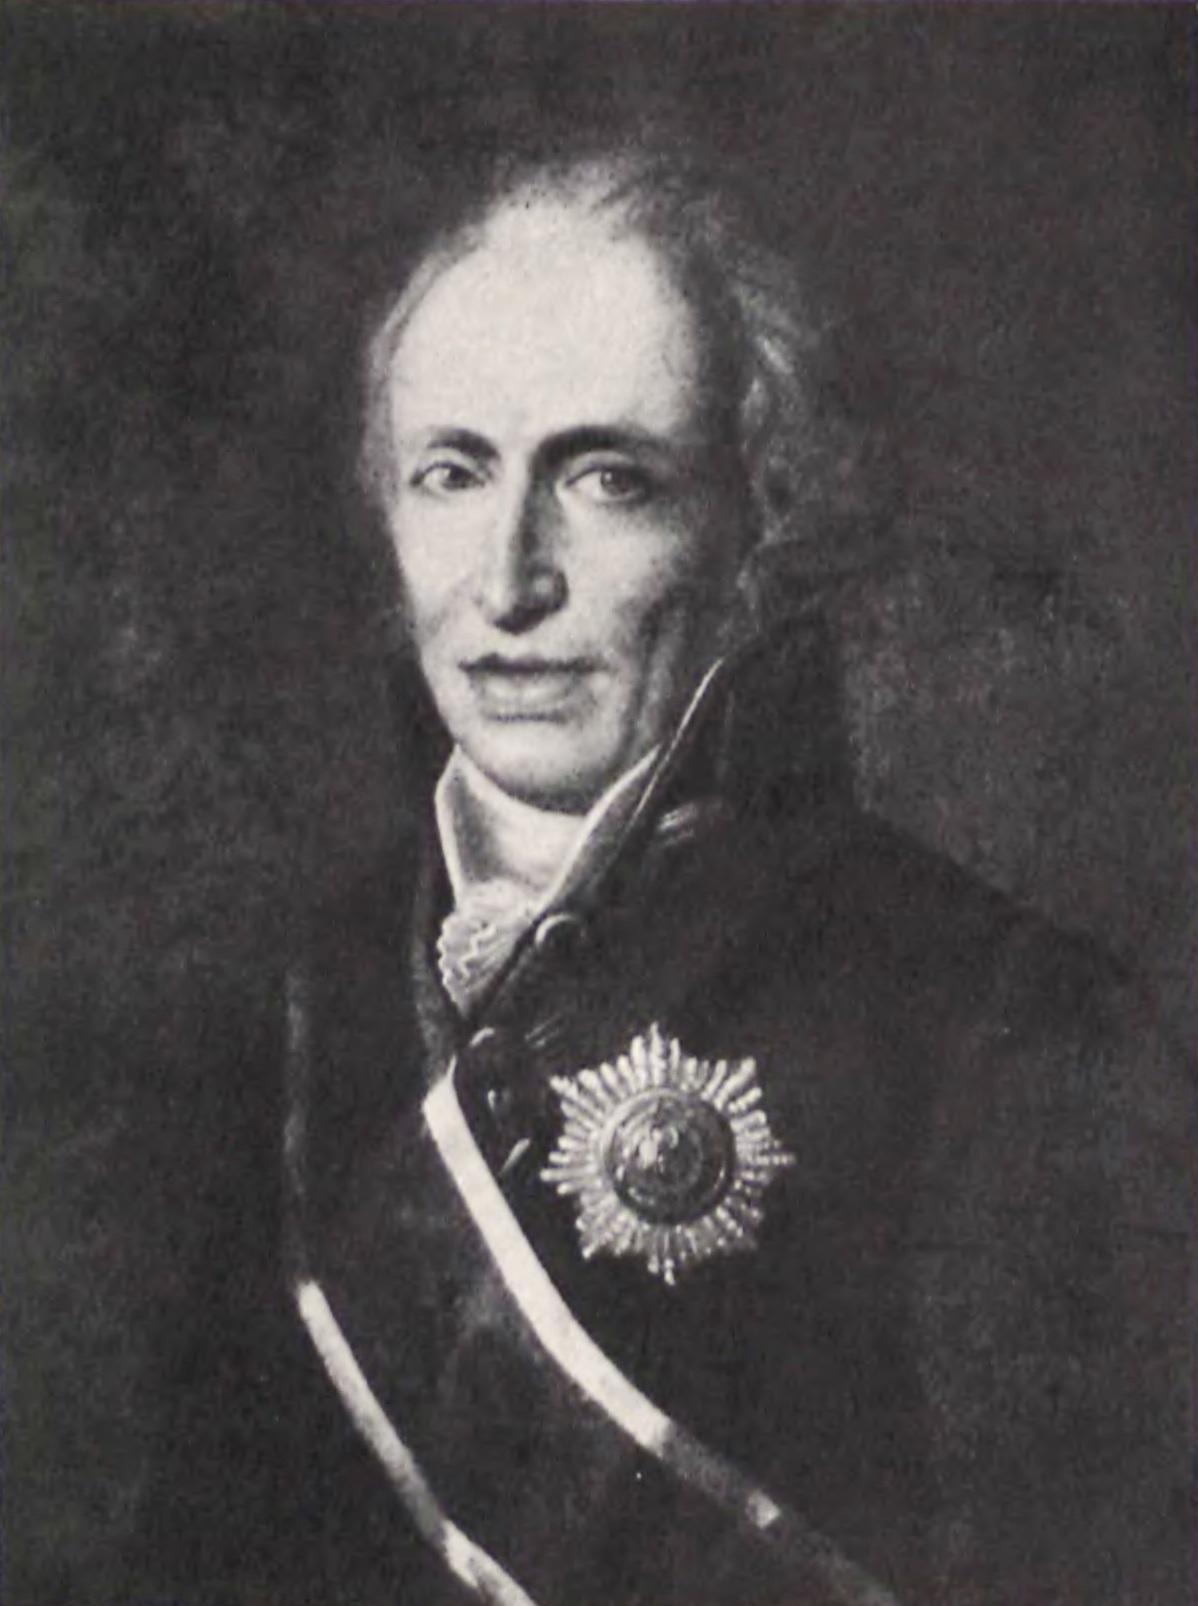 Дзедушицкий, Валериан